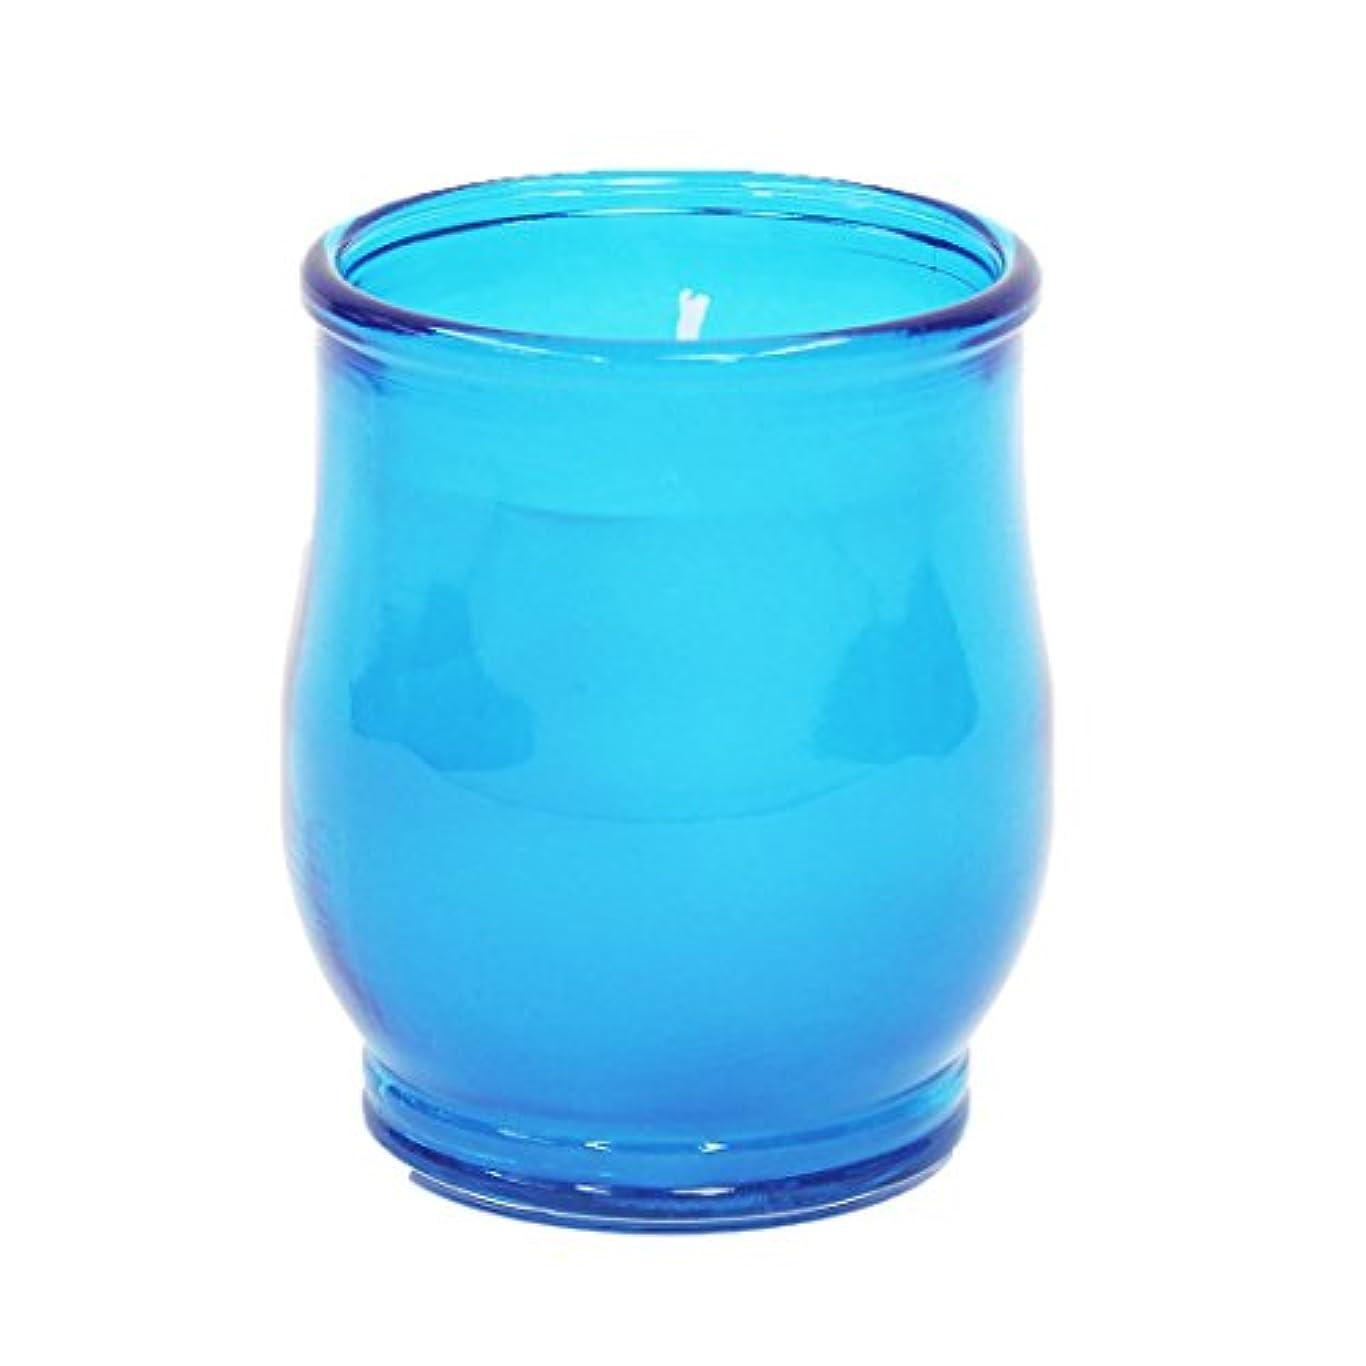 フローネックレス不規則なポシェ(非常用コップローソク) 「 ブルー 」